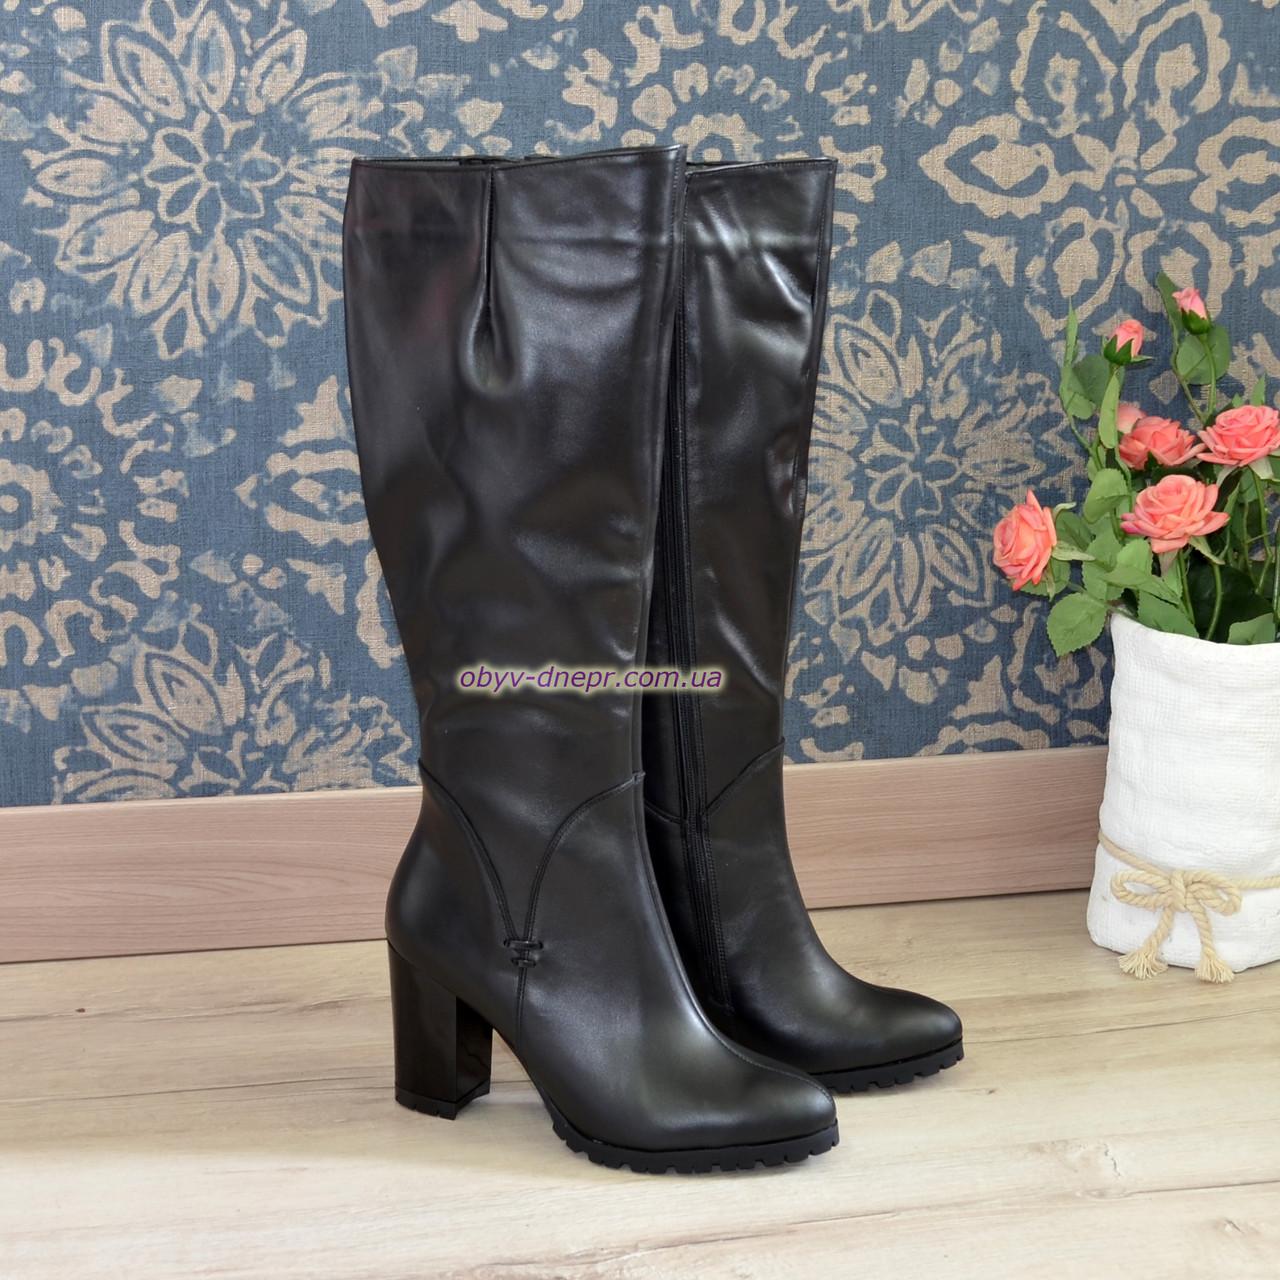 Сапоги кожаные на высоком каблуке, классическая модель